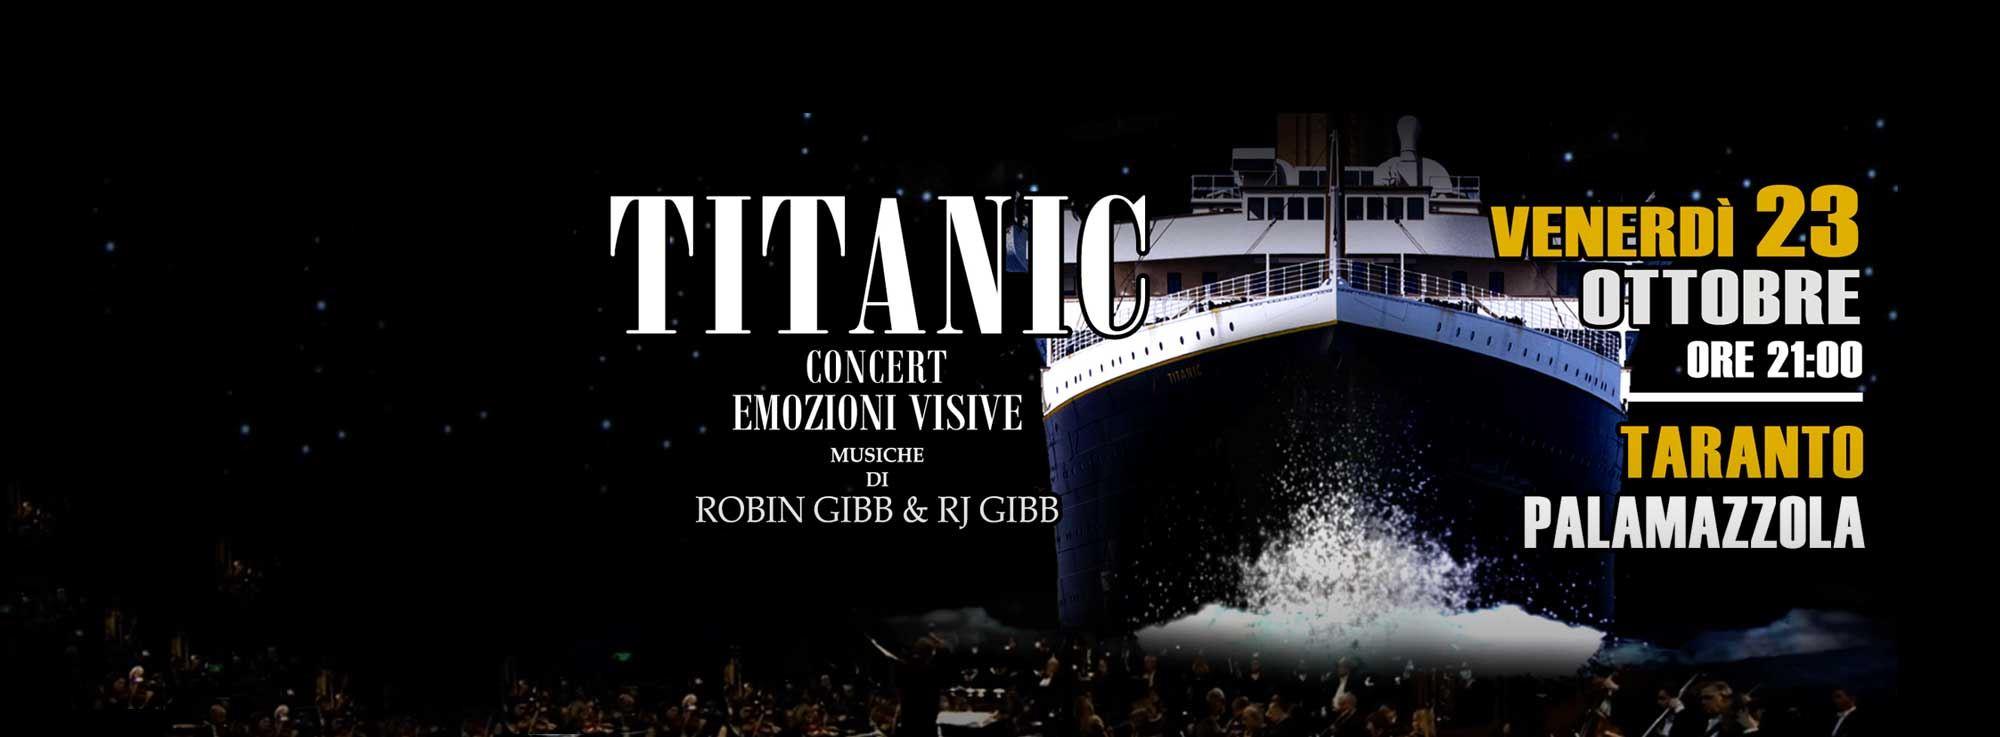 Taranto: Titanic Live Concert